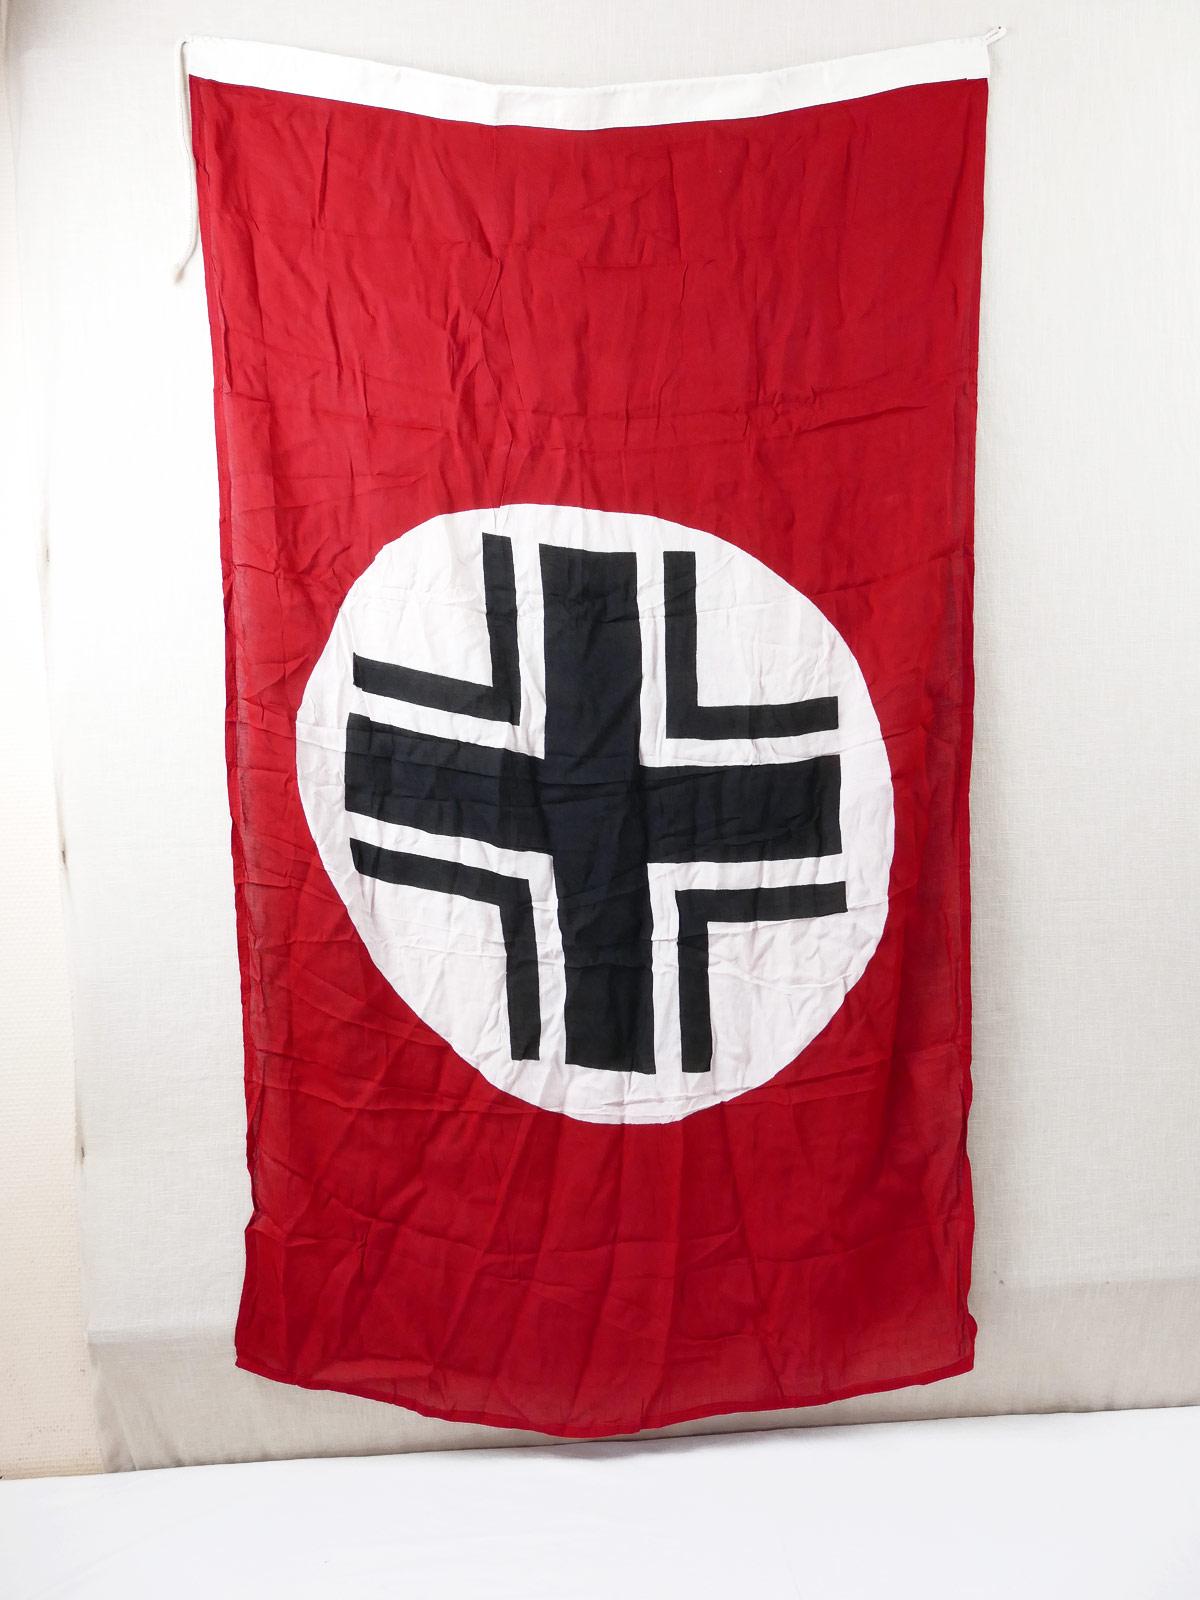 Fliegererkennungsfahne Fliegererkennungstuch Flagge Flieger Balkenkreuz Panzer